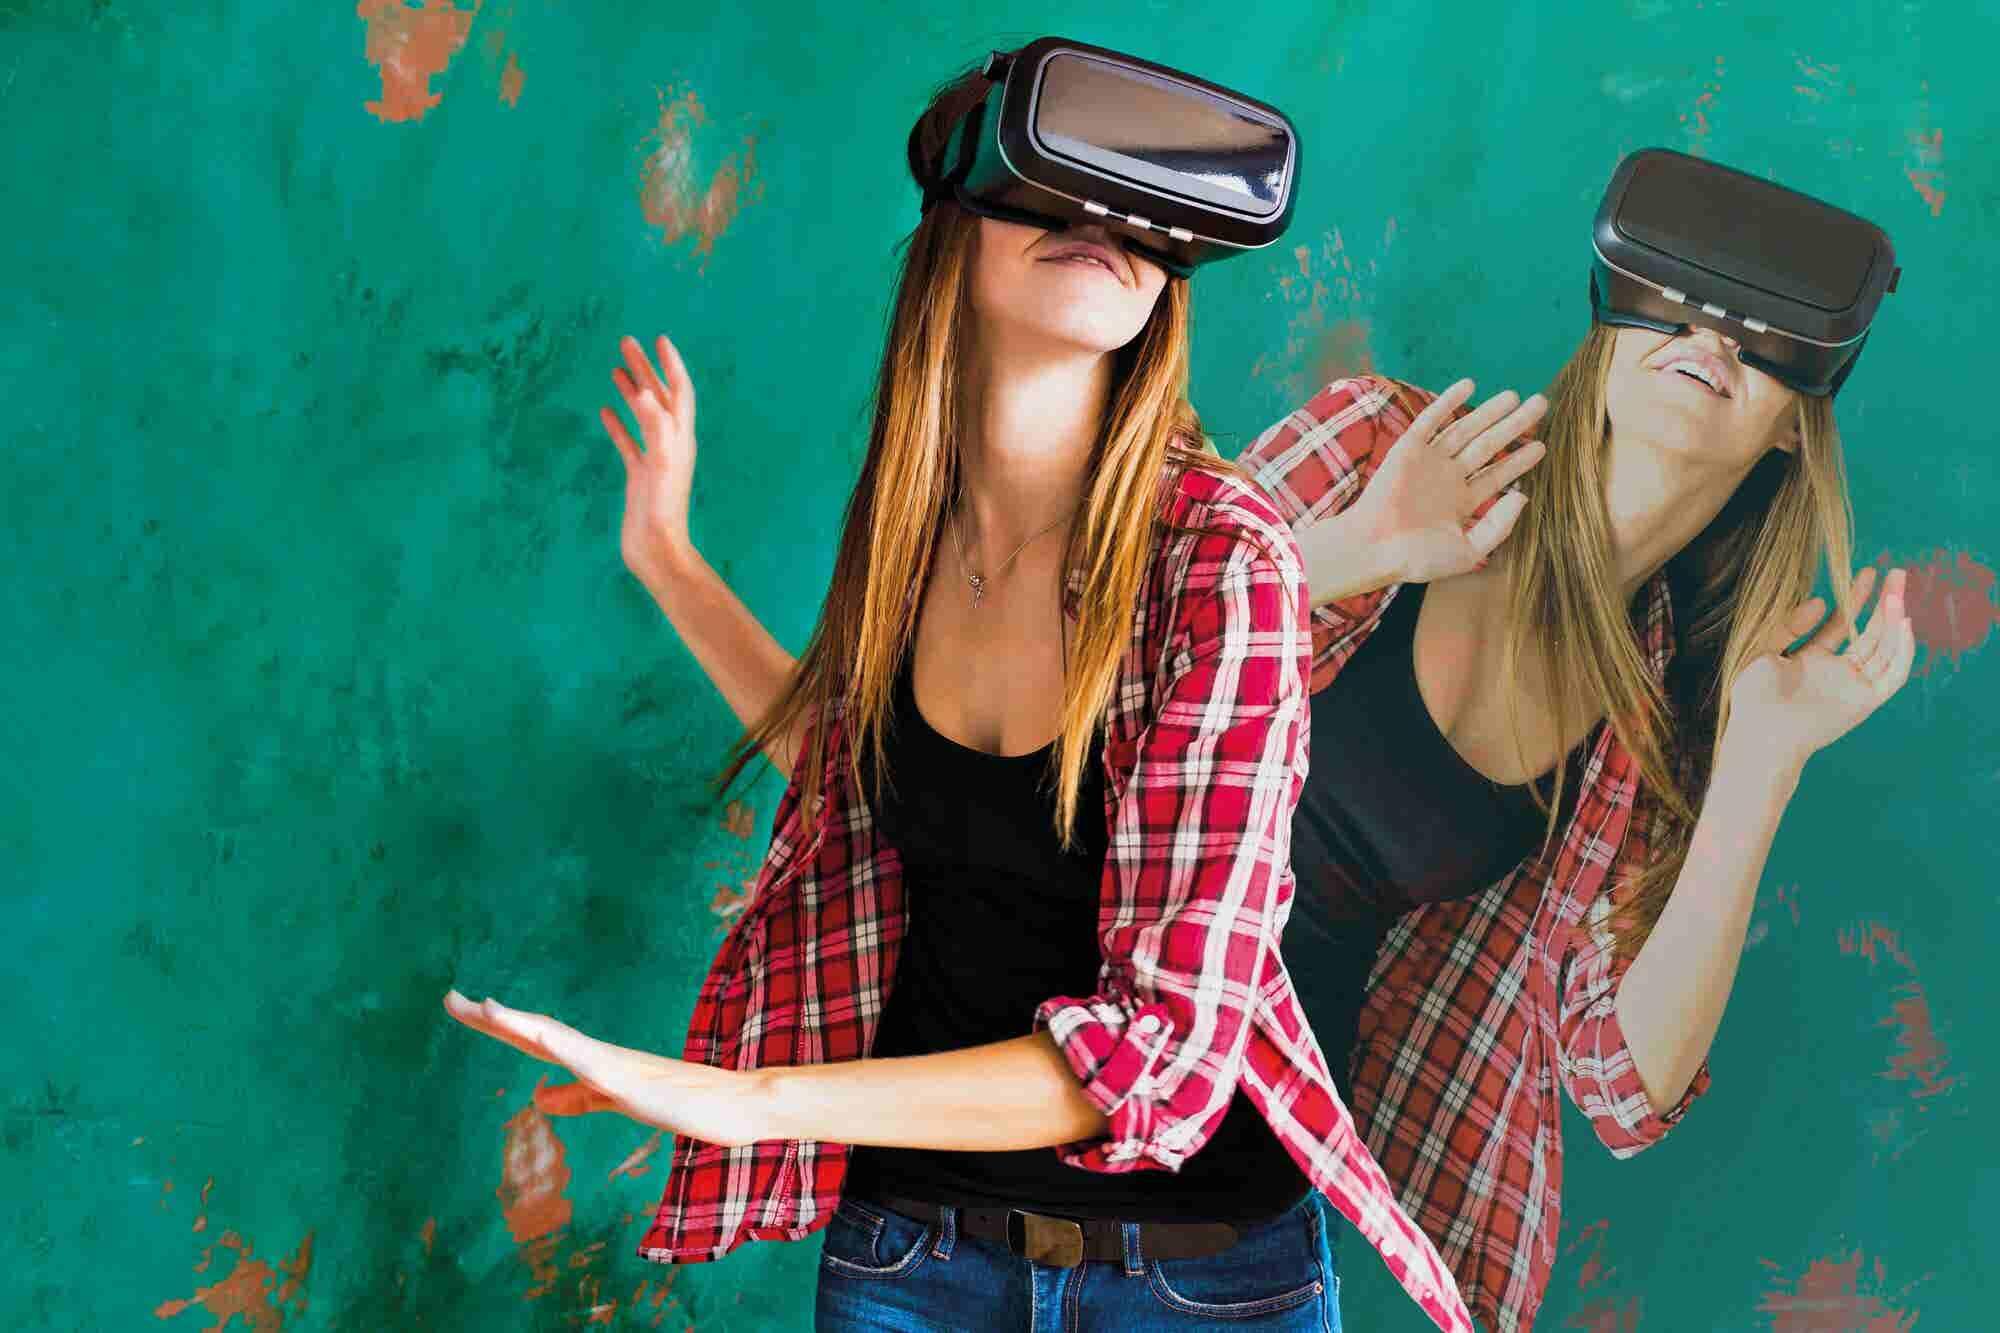 Modelo de negocios: Todo lo que necesitas saber para montar un parque de diversión virtual